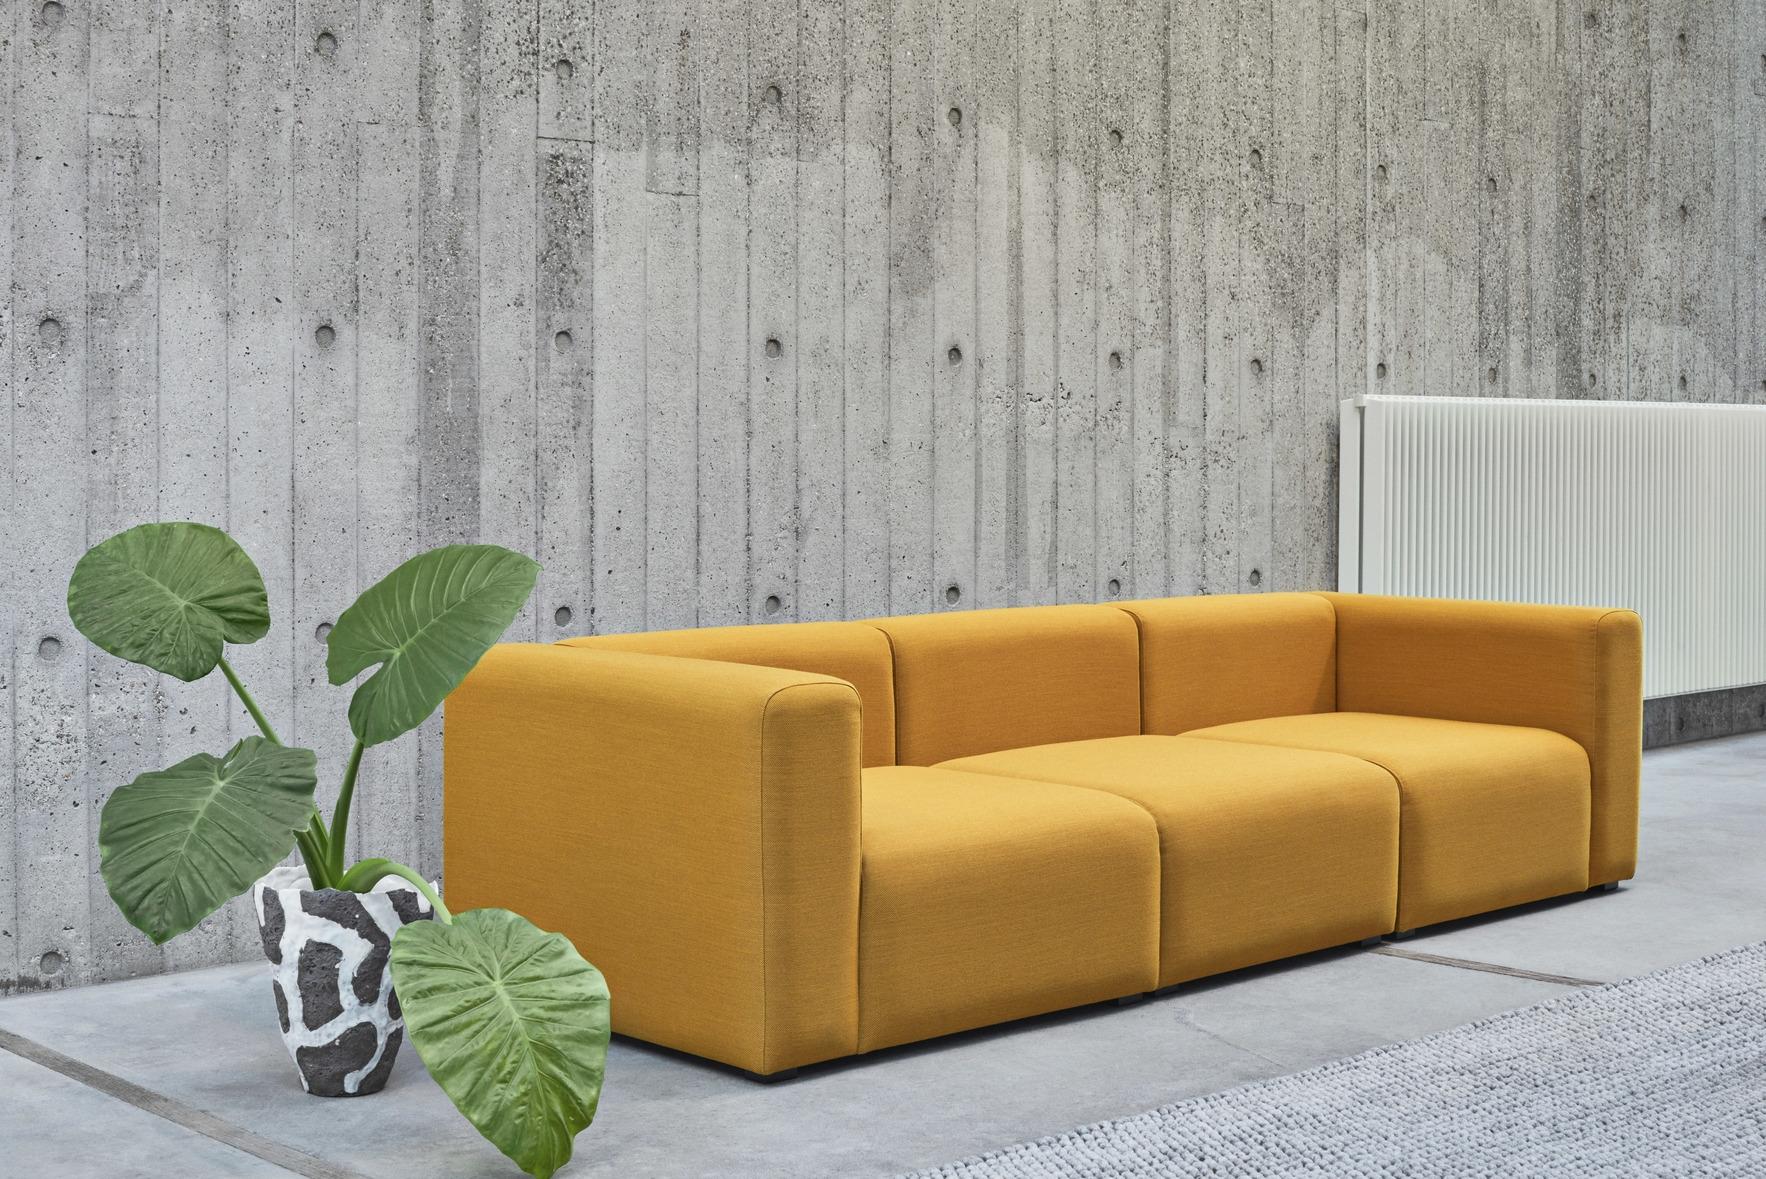 HAY Mags Sofa 3 Sitzer Komination 1 | Steelcut Trio 446